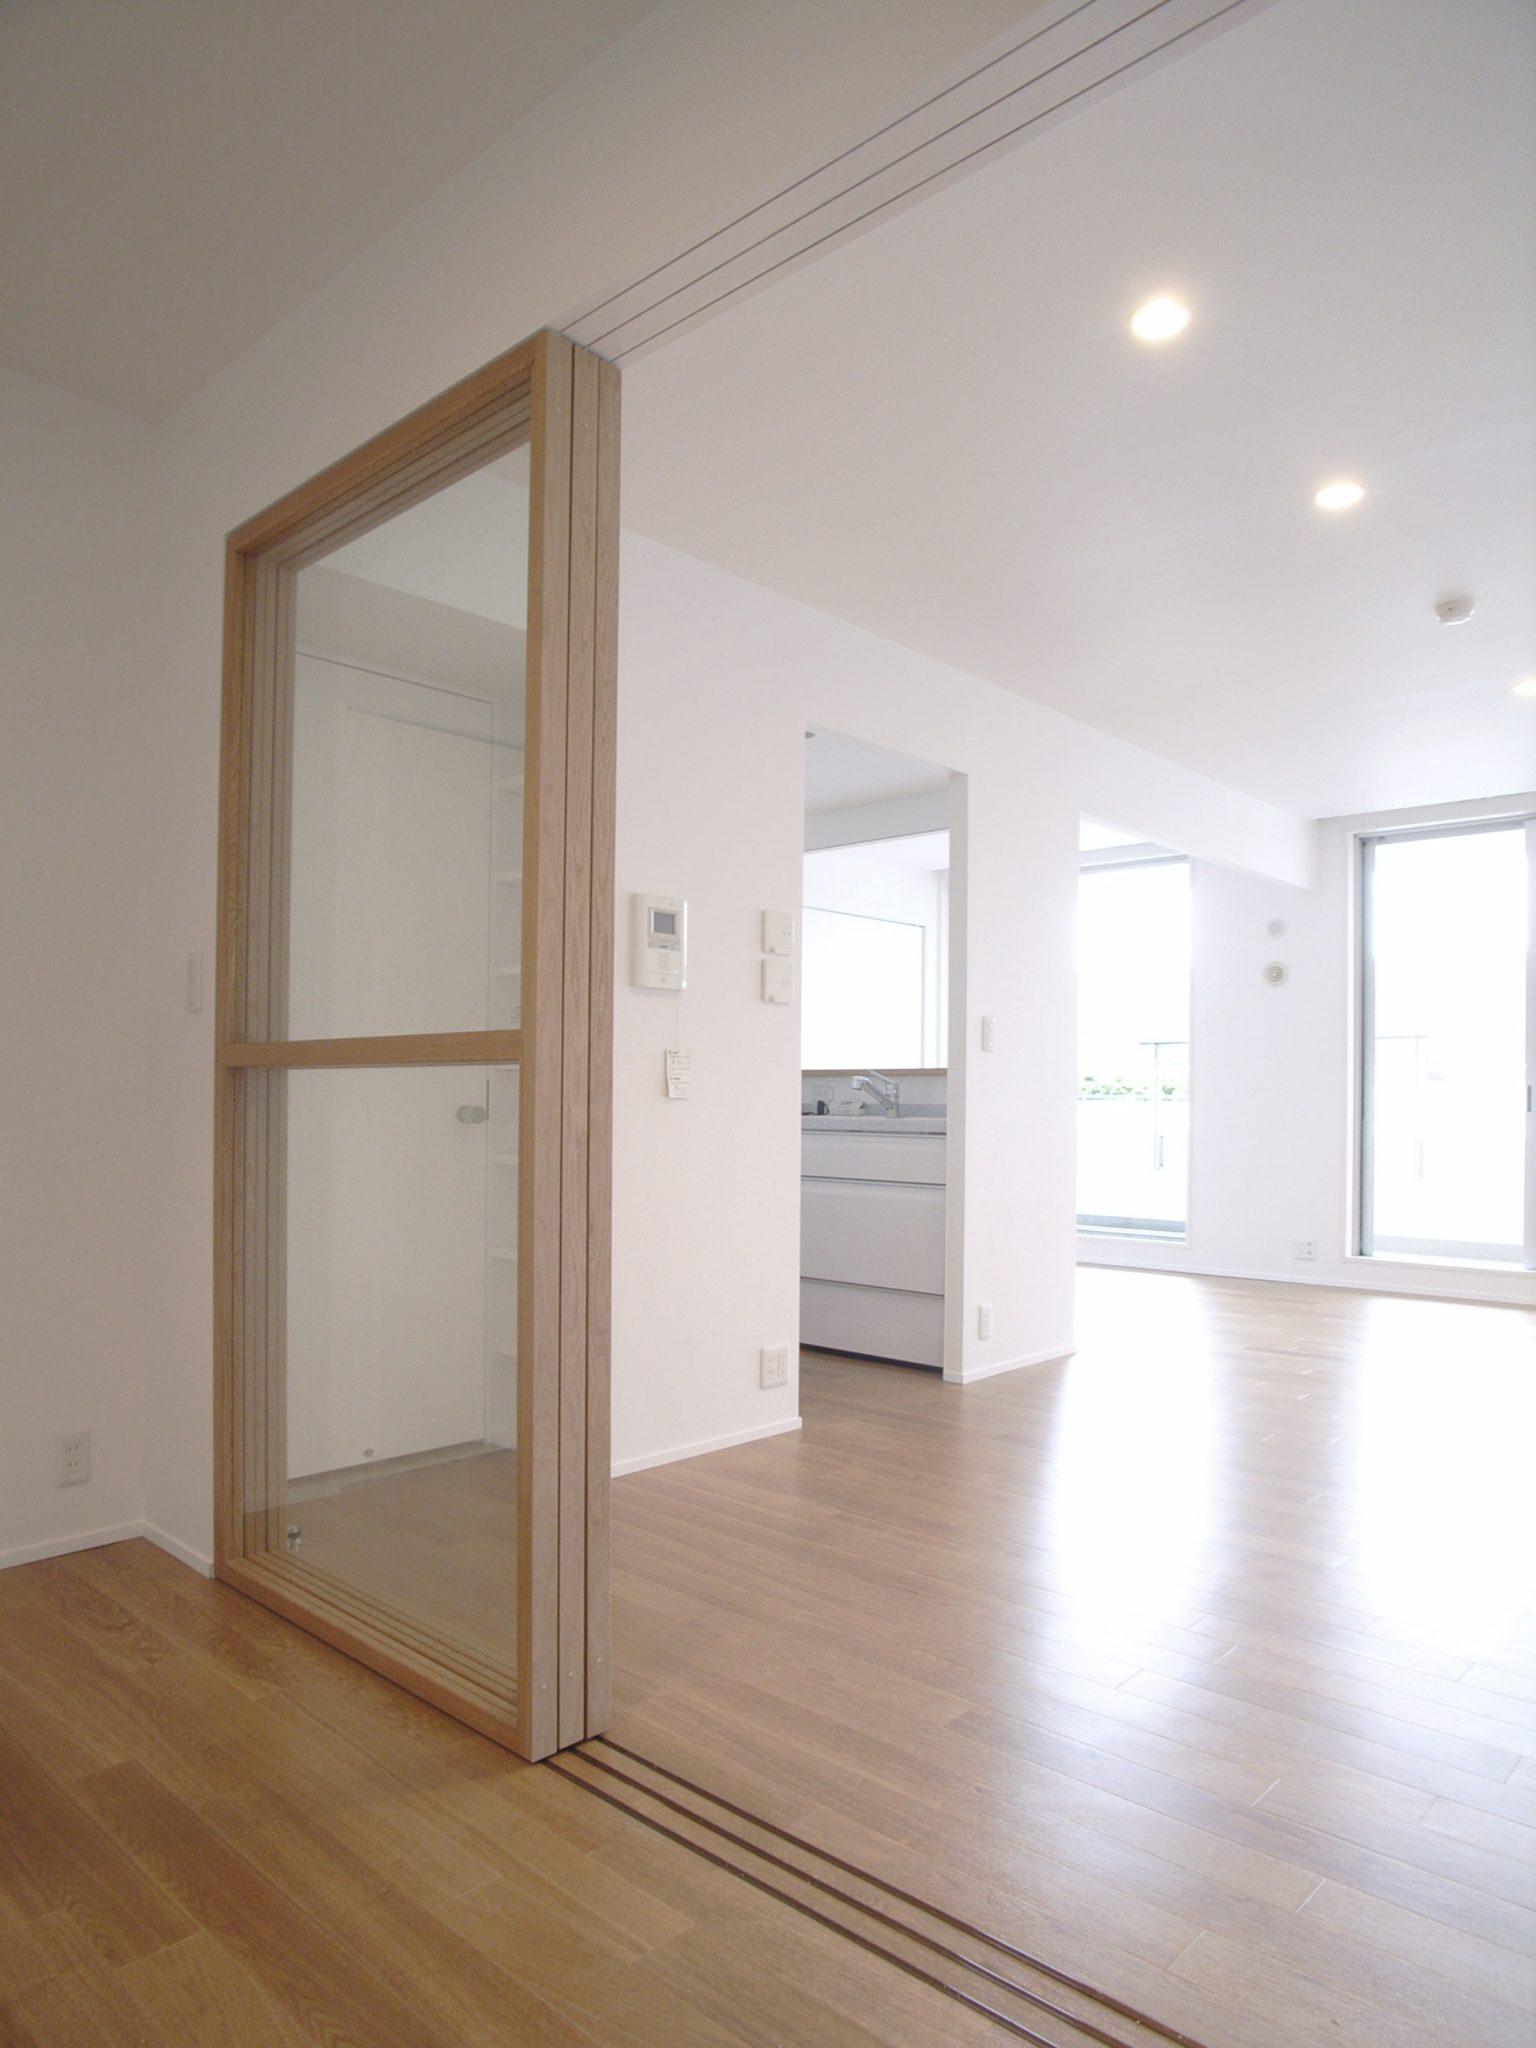 武蔵小杉の住戸 -リノベーション-|Residence in Musashikosugi by the renovation-11